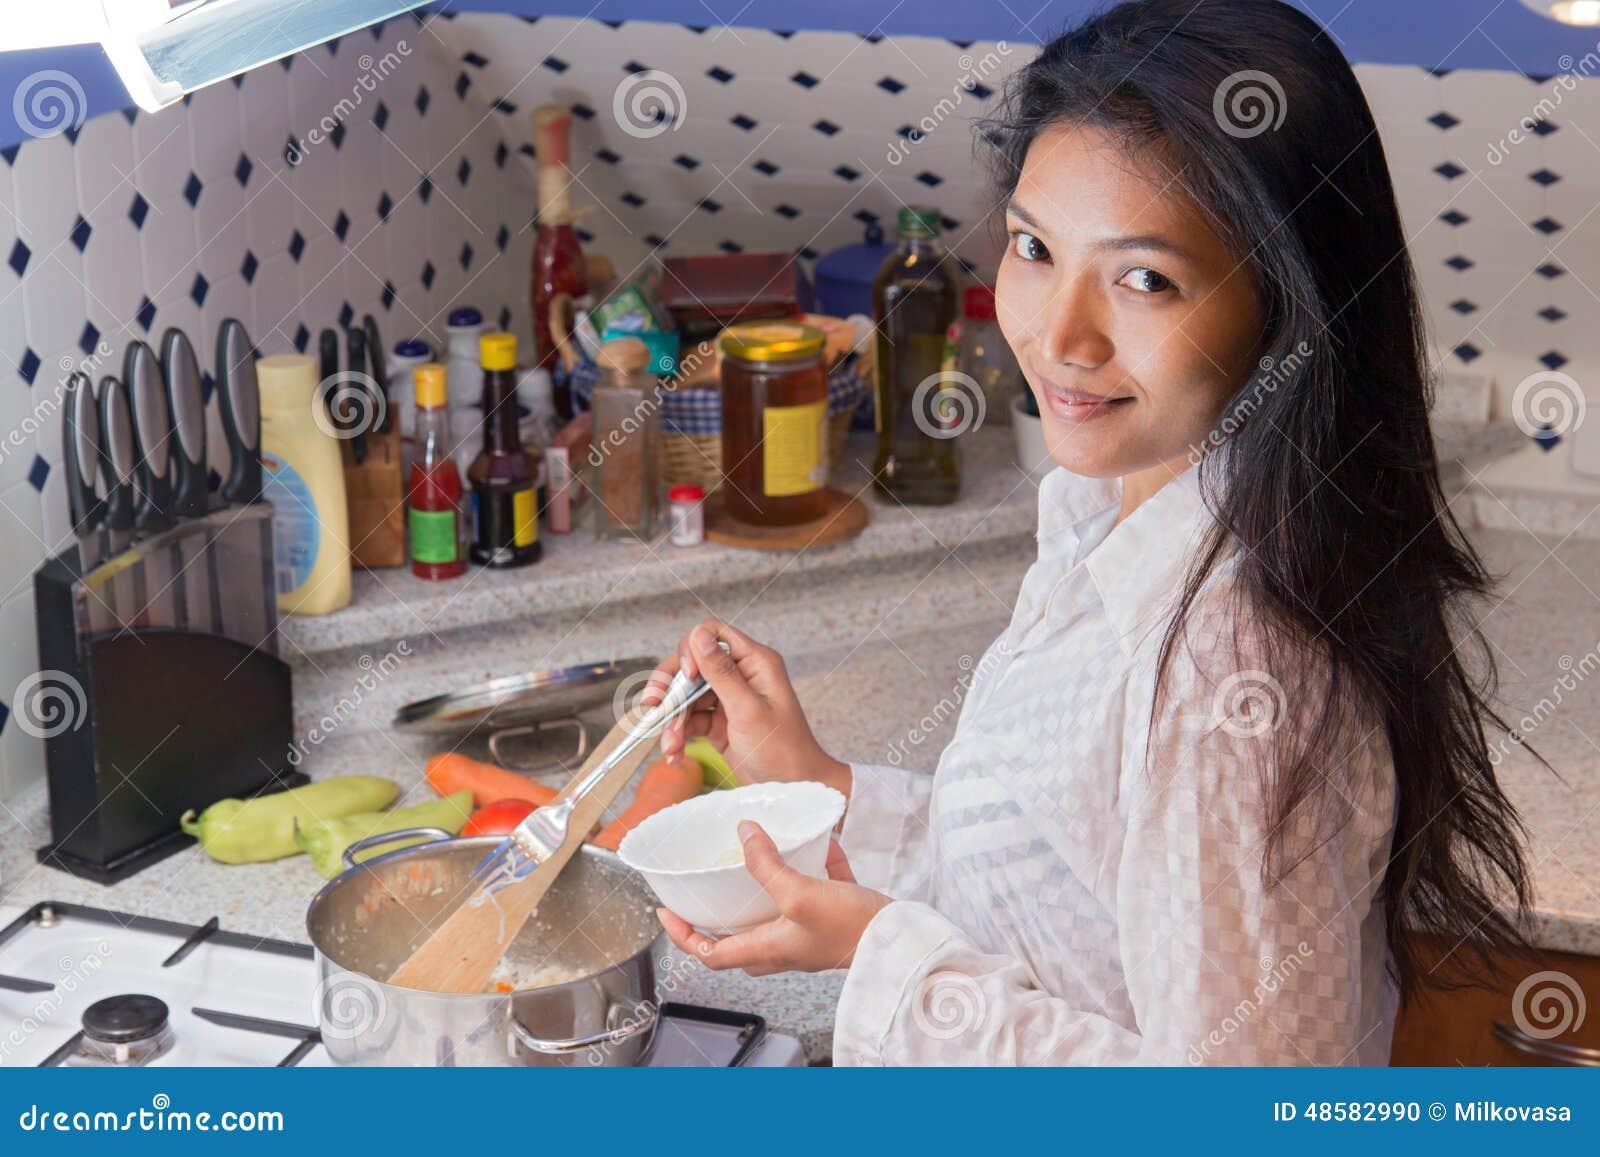 Γυναίκα για να μαγειρεψει στην κουζίνα